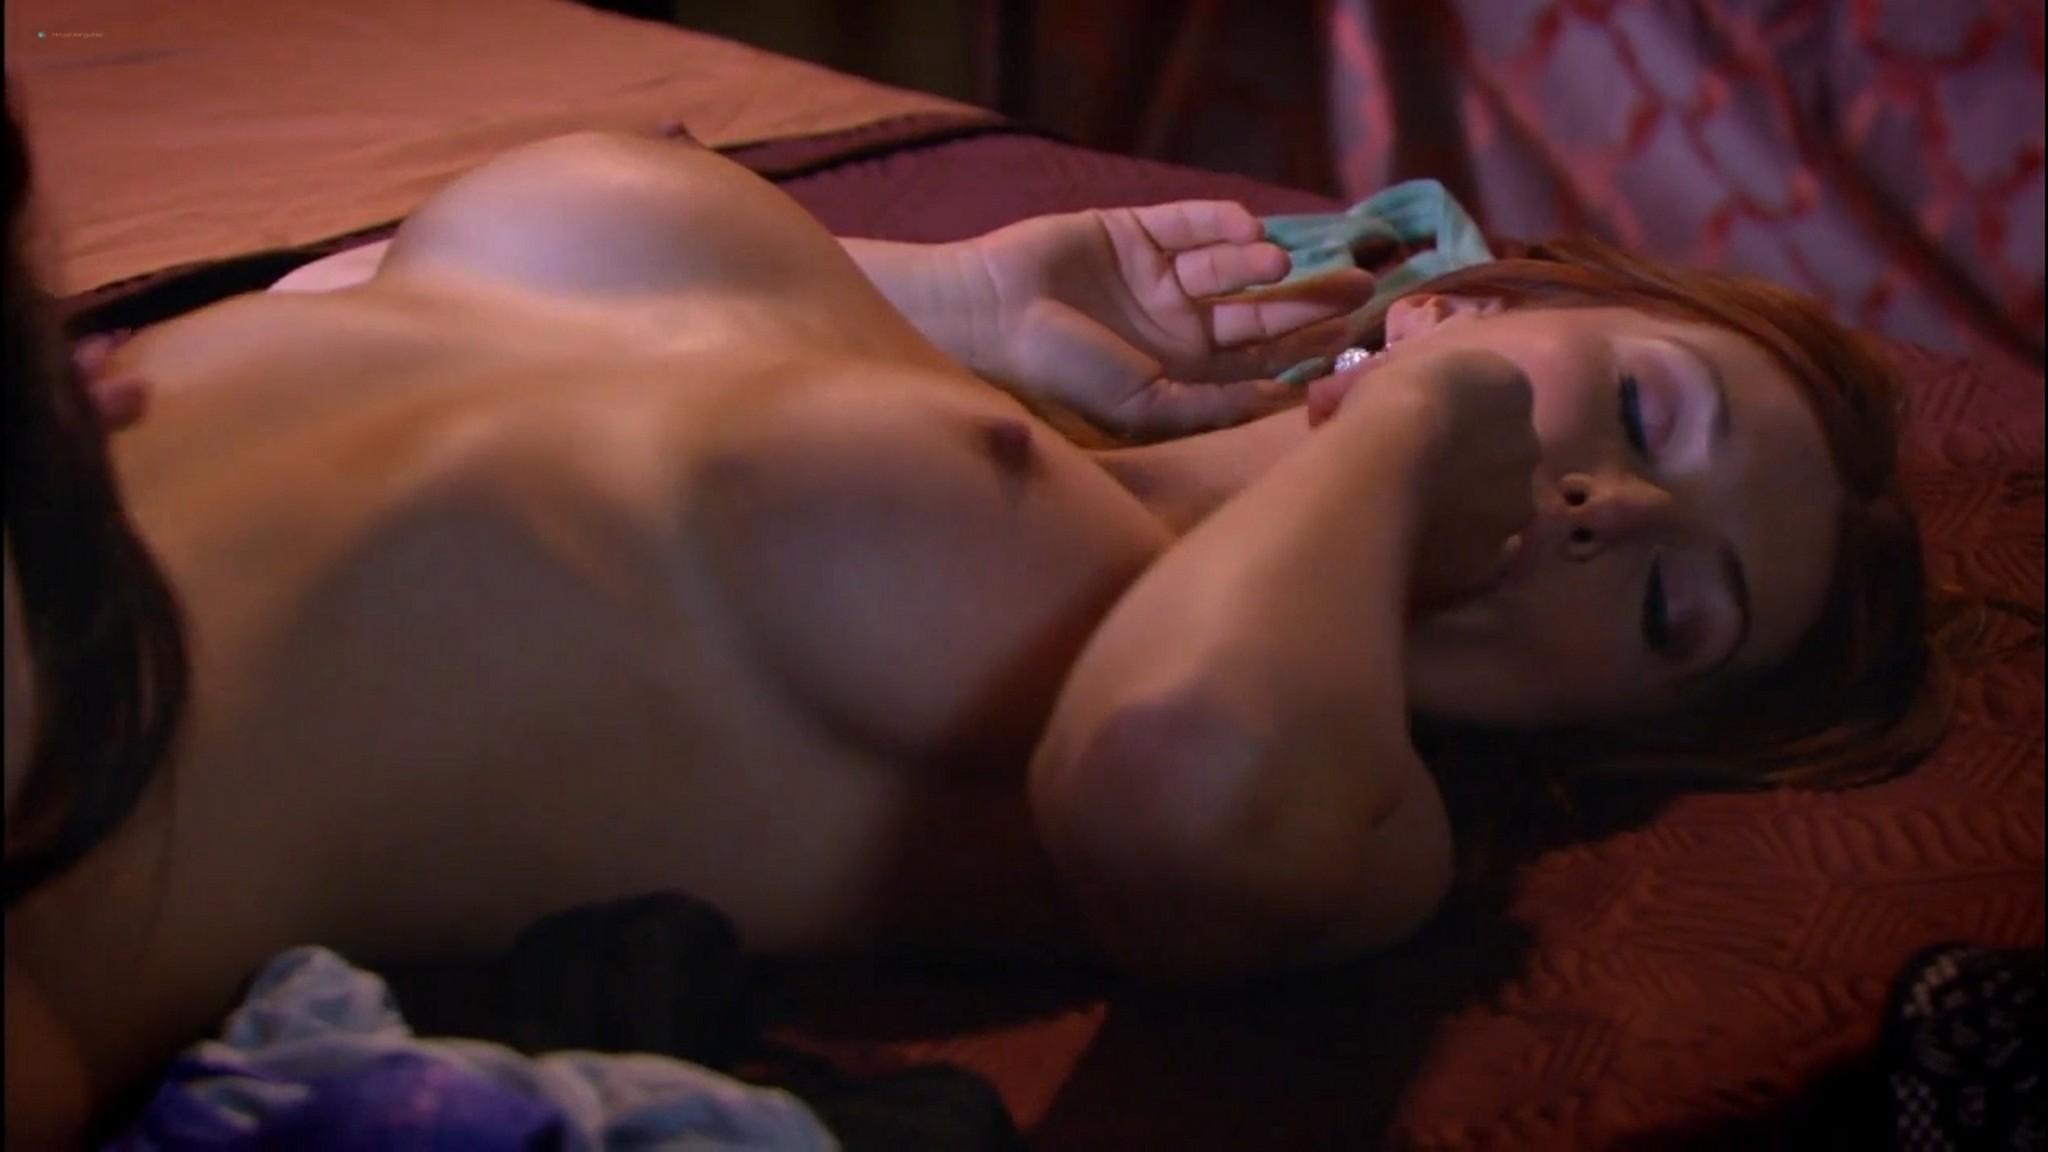 Lana Tailor nude sex Jennifer Korbin, Alyson Bath, and others nude - Lingerie (2009) s1e4 HD 720p (6)